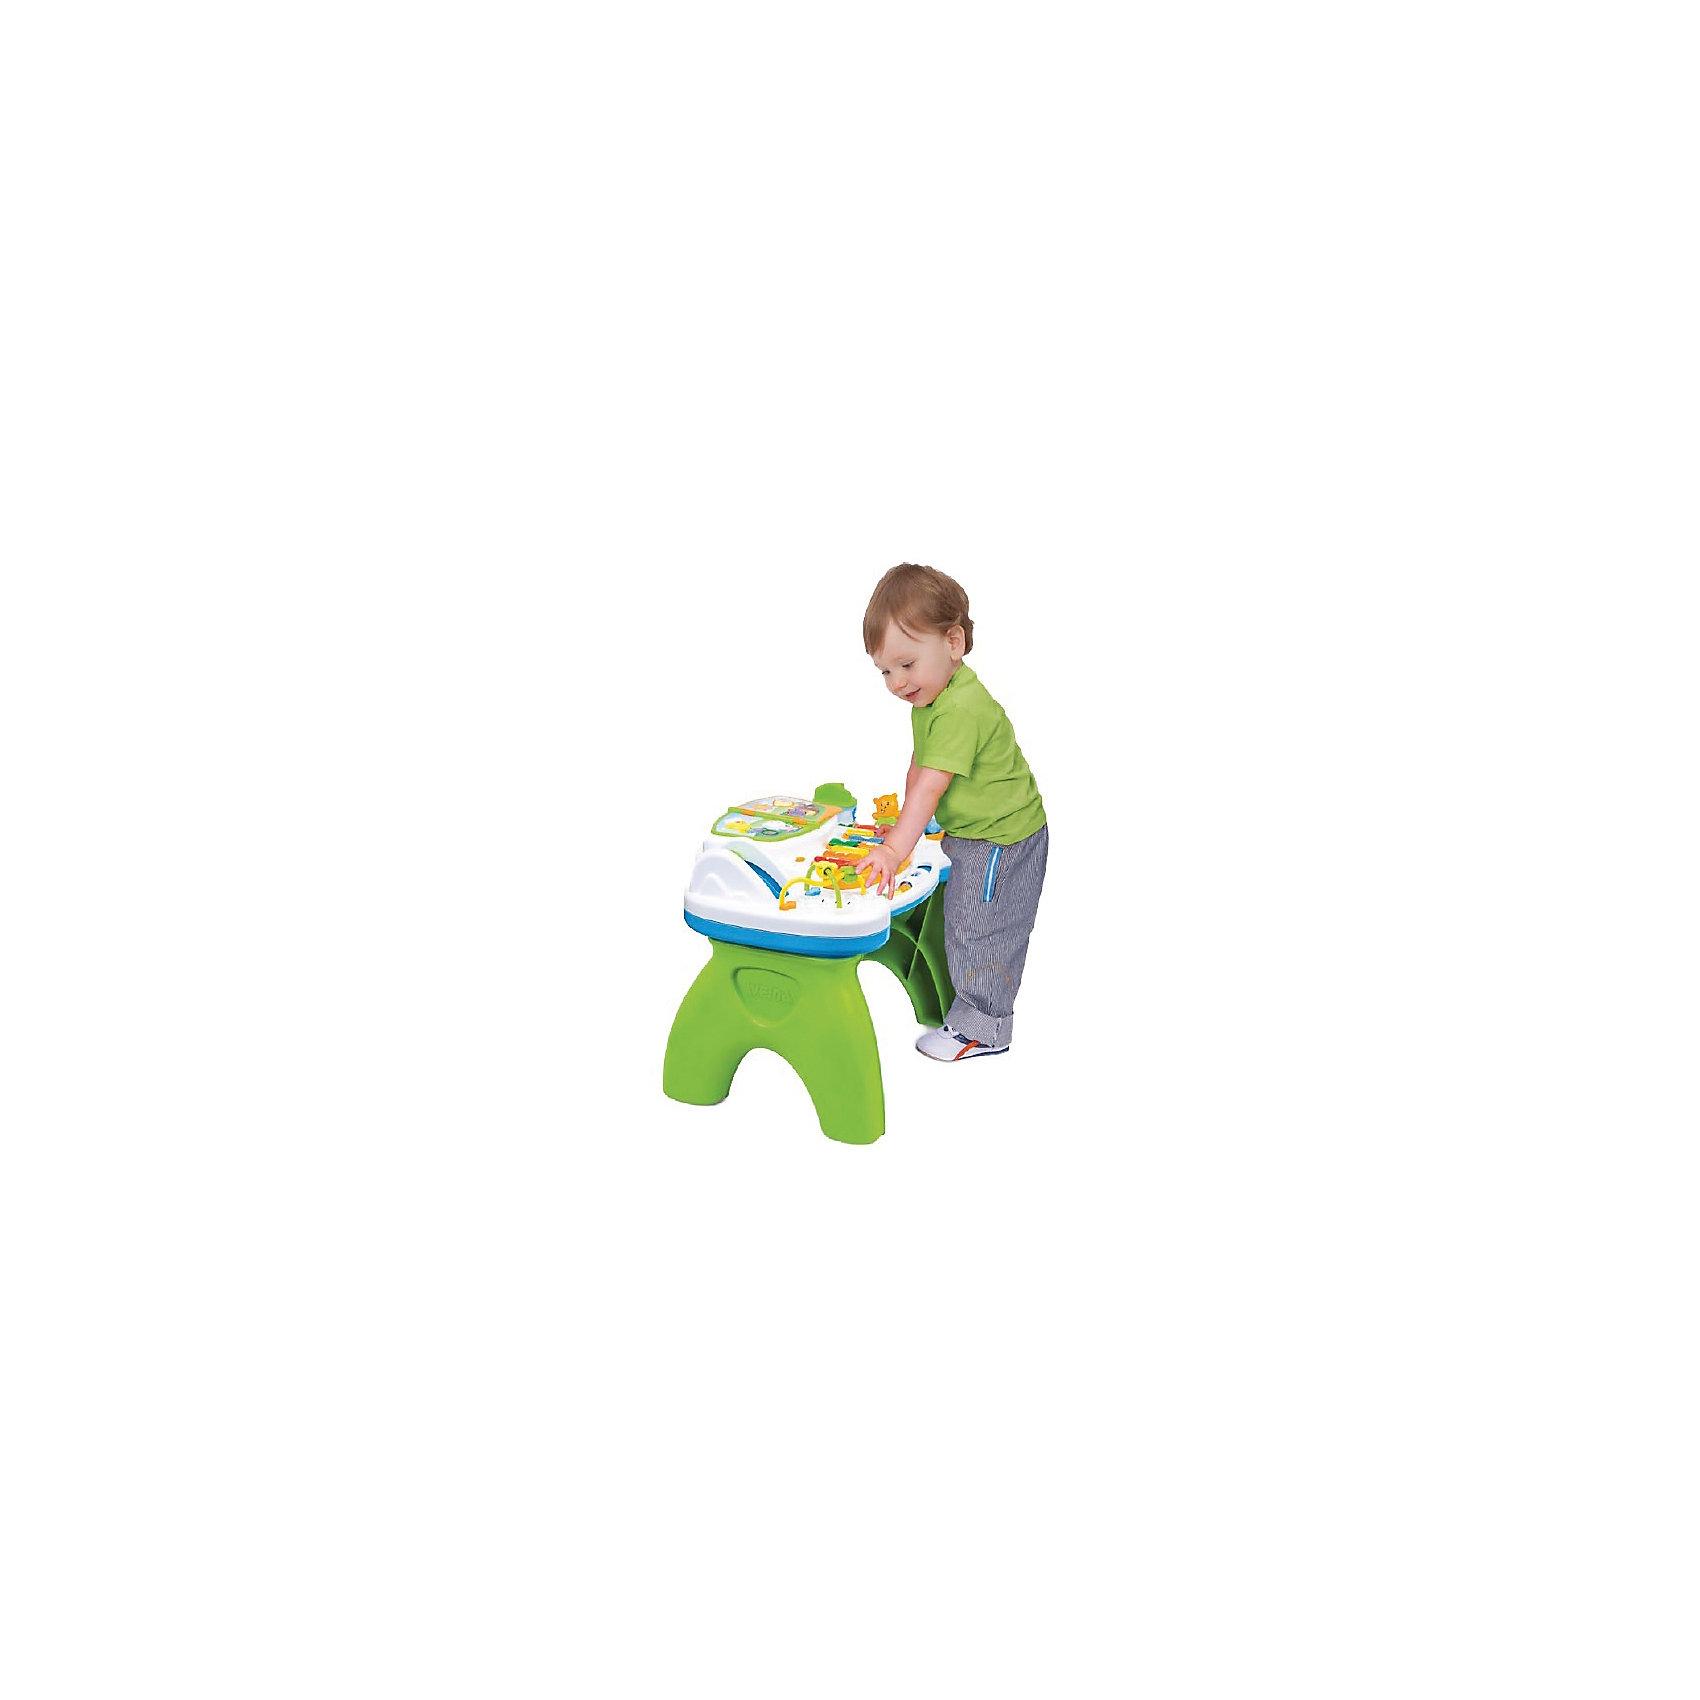 Музыкальный игровой столик Весёлая историяМузыкальный игровой столик Весёлая история  предназначен специально для малышей и подходит деткам от 9 месяцев!  Ваш малыш будет играть с набором, познакомится с различными цветами и цифрами, разовьет  мелкую моторику, слух. Ребенок будет переворачивать странички музыкальной книжки, и познавать удивительную веселую историю. При прокрутке карусельки он услышит приятные звуки и увидит мигающие огоньки. Маленькие пчелки, долетев до своей тучки, сообщат ему об этом звуковым сигналом. Ножки столика снимаются, превращая его в игровую панель, с которой малыш может играть на полу. Работает от батареек (не входят в комплект)<br><br>Дополнительная информация: <br><br>- материал: пластик.  <br>- эффекты: свет, звук.<br>- требует сборки: да<br>- особенности: съемная верхняя панель;<br>- световые и звуковые эффекты; <br>- тип батареек: 2* АА / lr6 1.5v <br>- размер коробки: 19 * 33 * 54 см.<br><br>Музыкальный игровой столик Весёлая история можно купить в нашем интернет-магазине.<br><br>Ширина мм: 590<br>Глубина мм: 560<br>Высота мм: 370<br>Вес г: 1260<br>Возраст от месяцев: 9<br>Возраст до месяцев: 2147483647<br>Пол: Унисекс<br>Возраст: Детский<br>SKU: 4904806